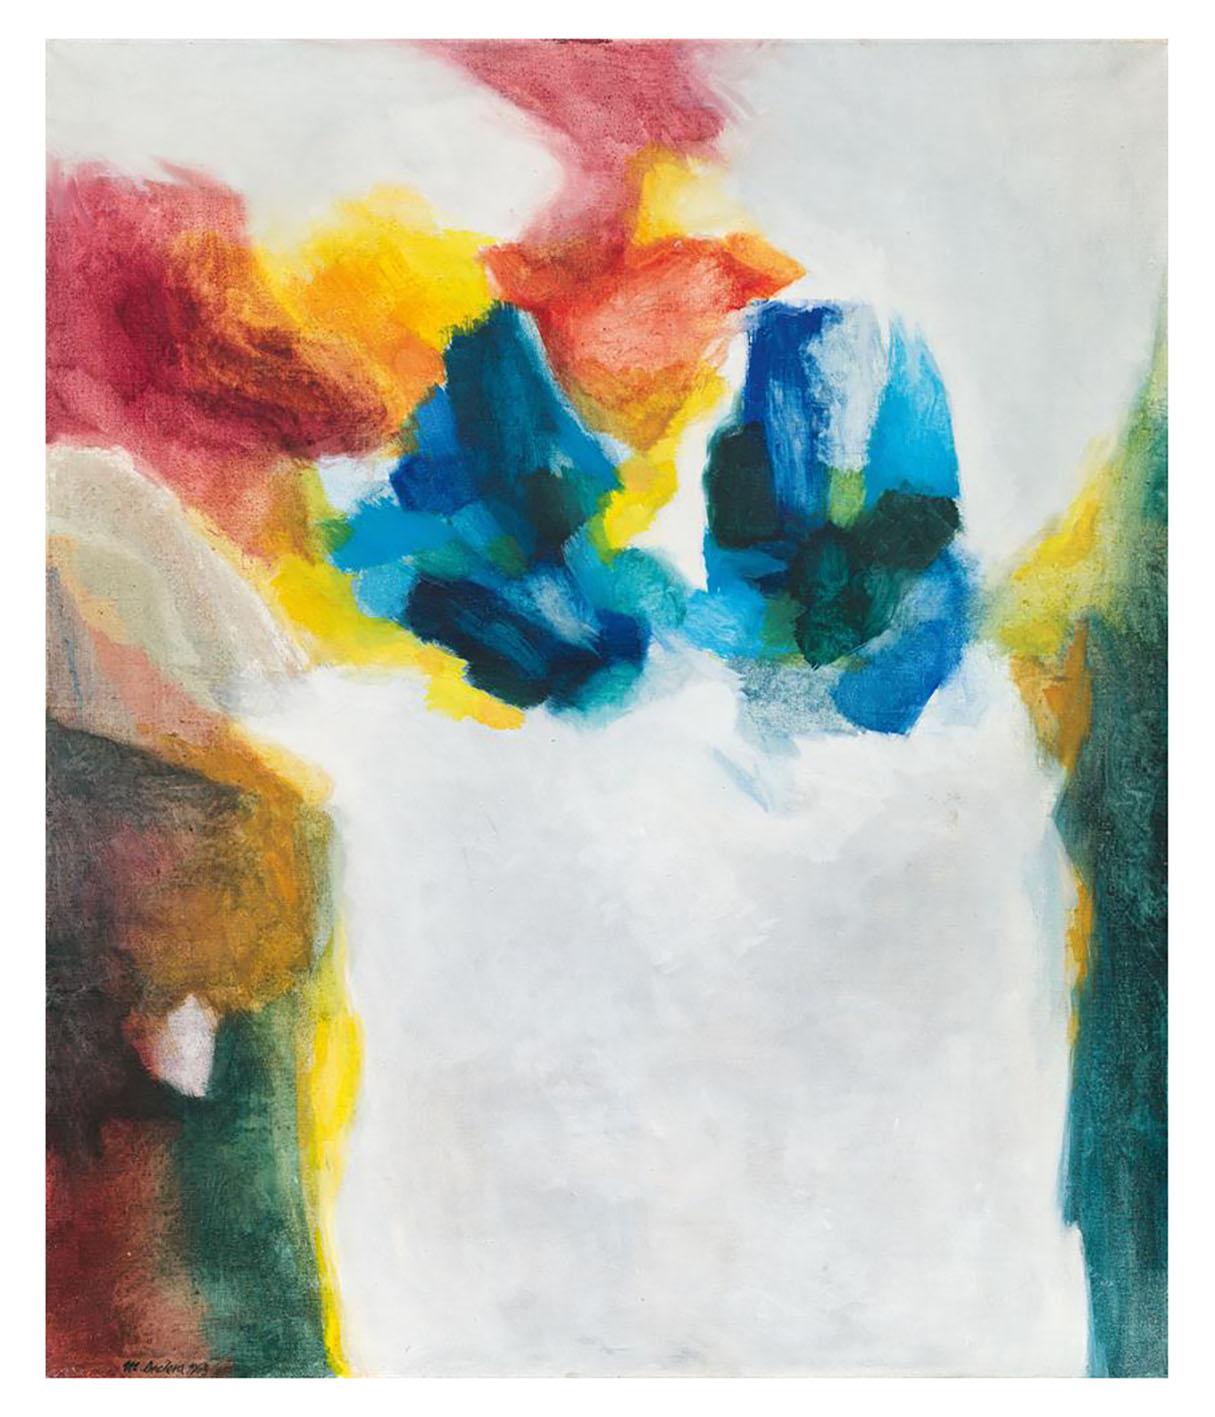 """Mario Decleva """"Zwei blaue Formen"""" 1963, Öl auf Leinwand 120 x 100 cm"""